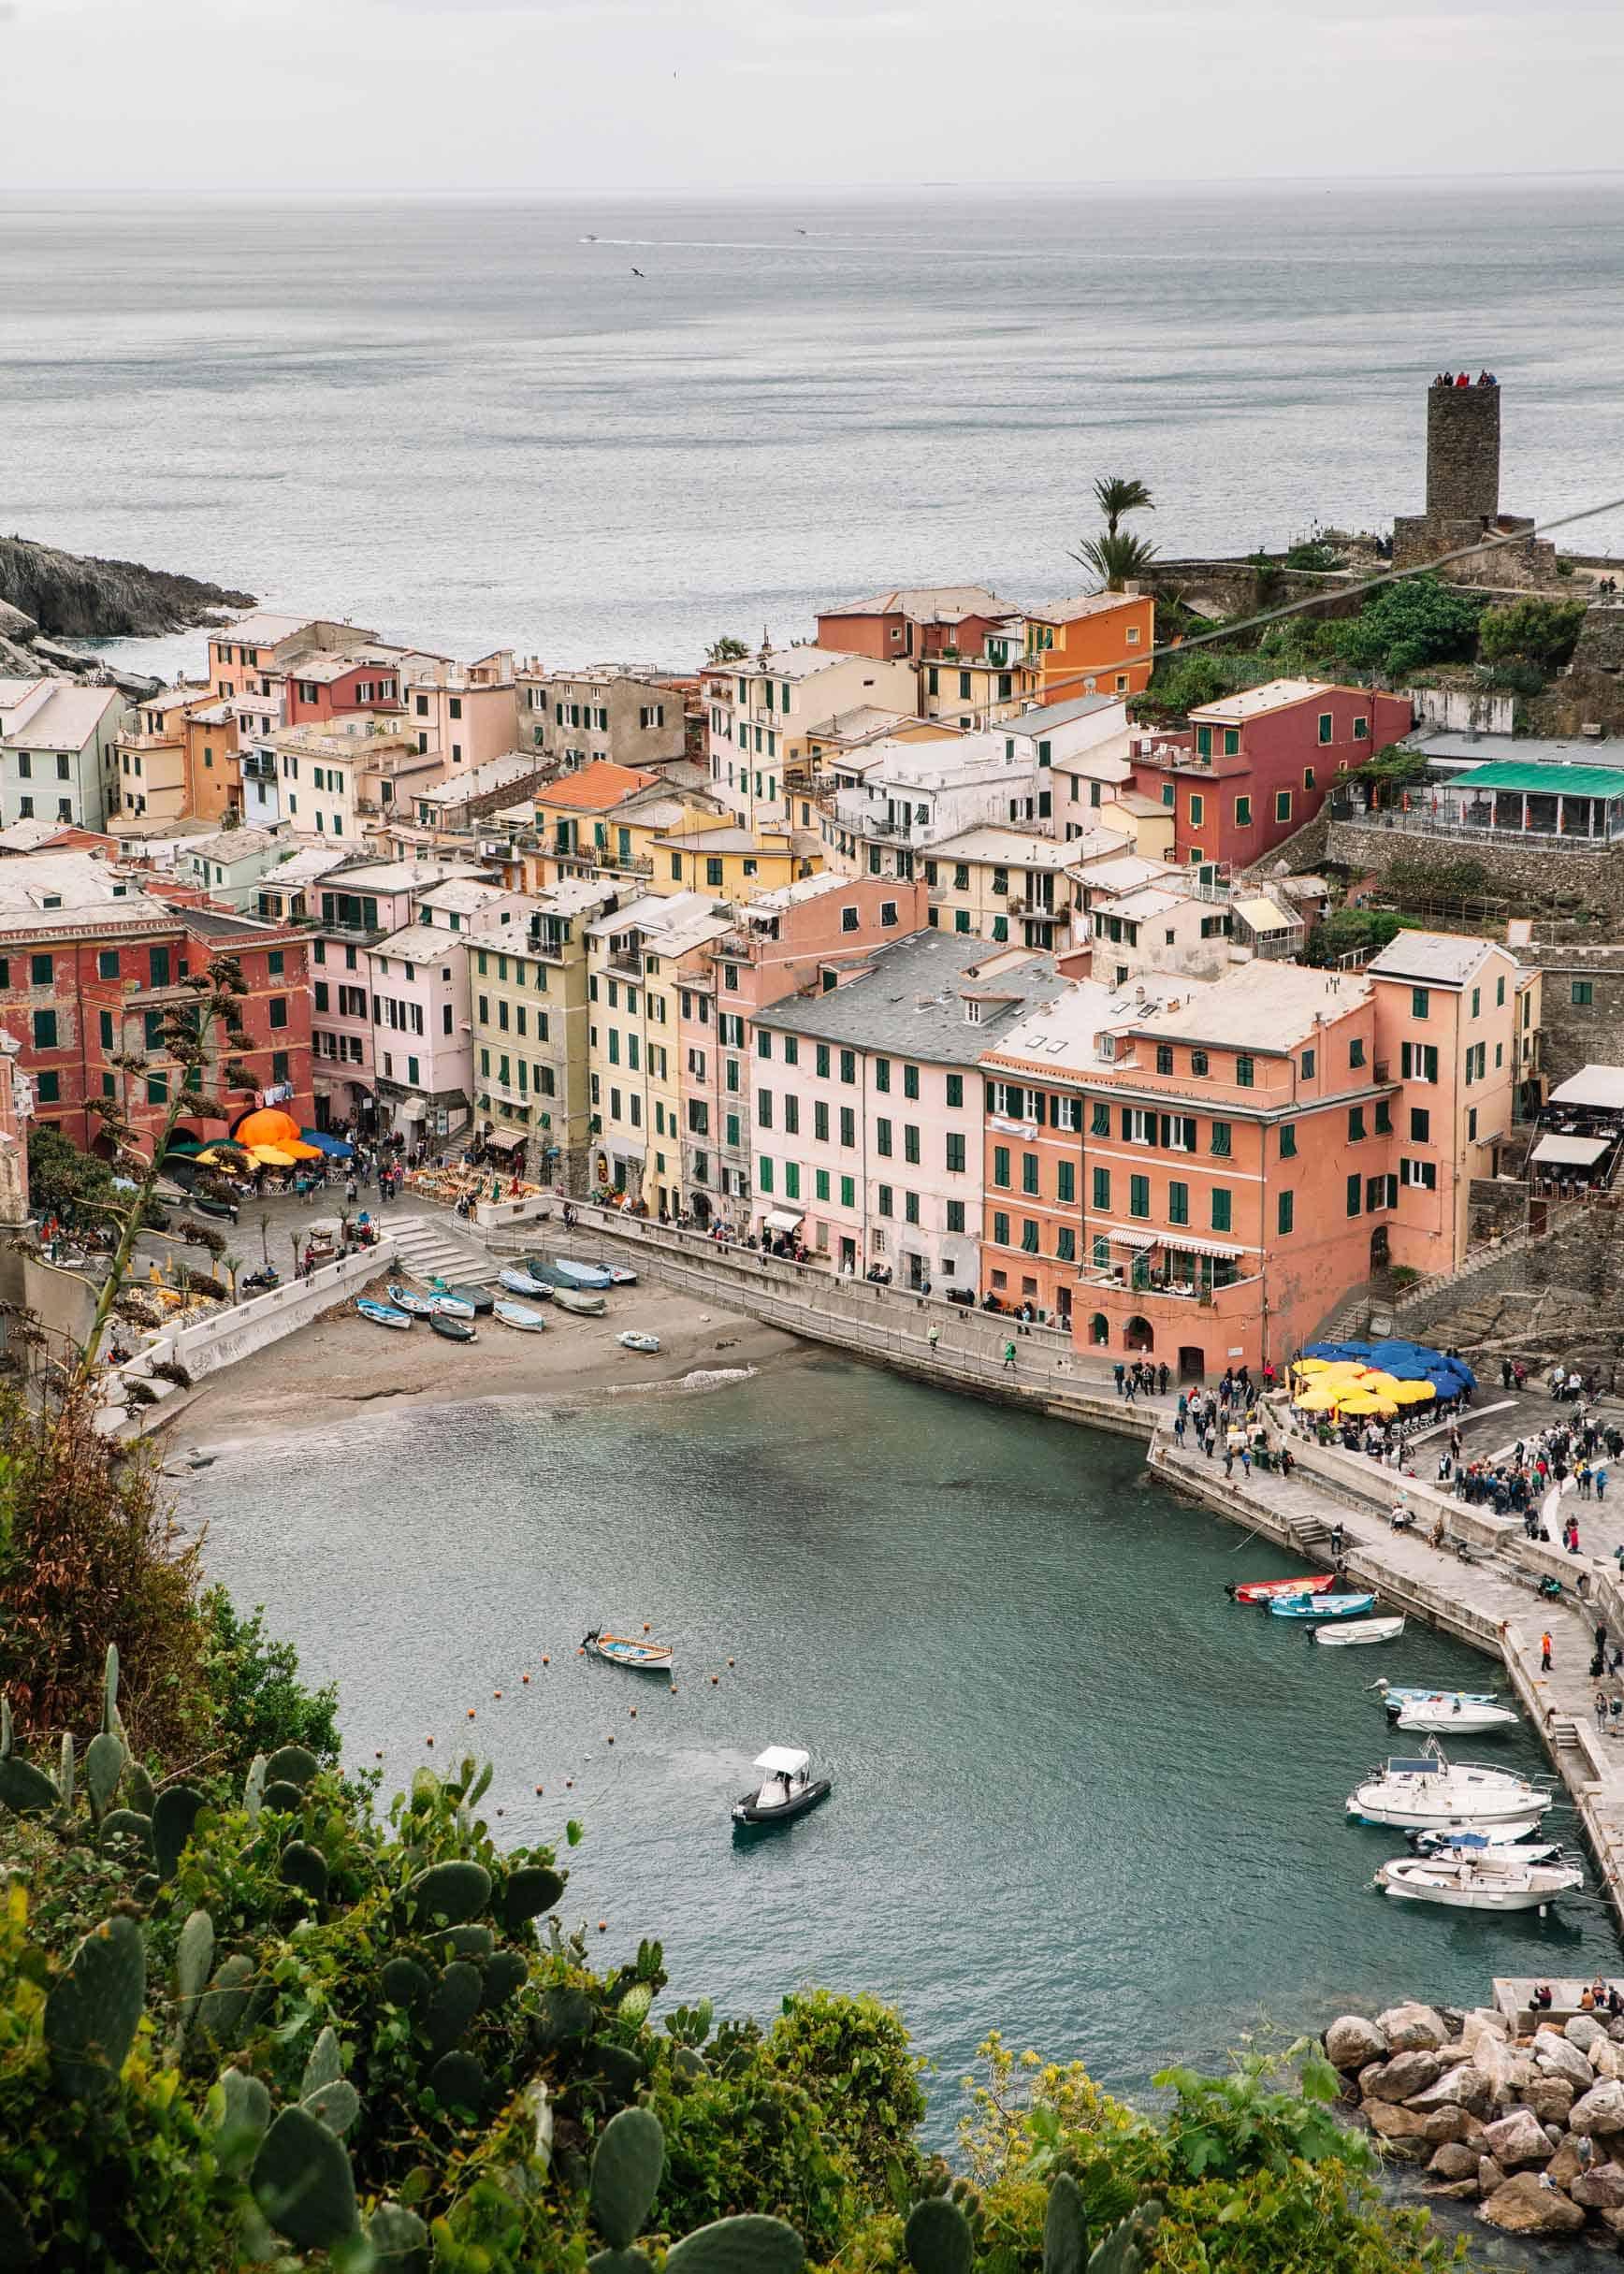 Recorrer los senderos de Cinque Terre con niños